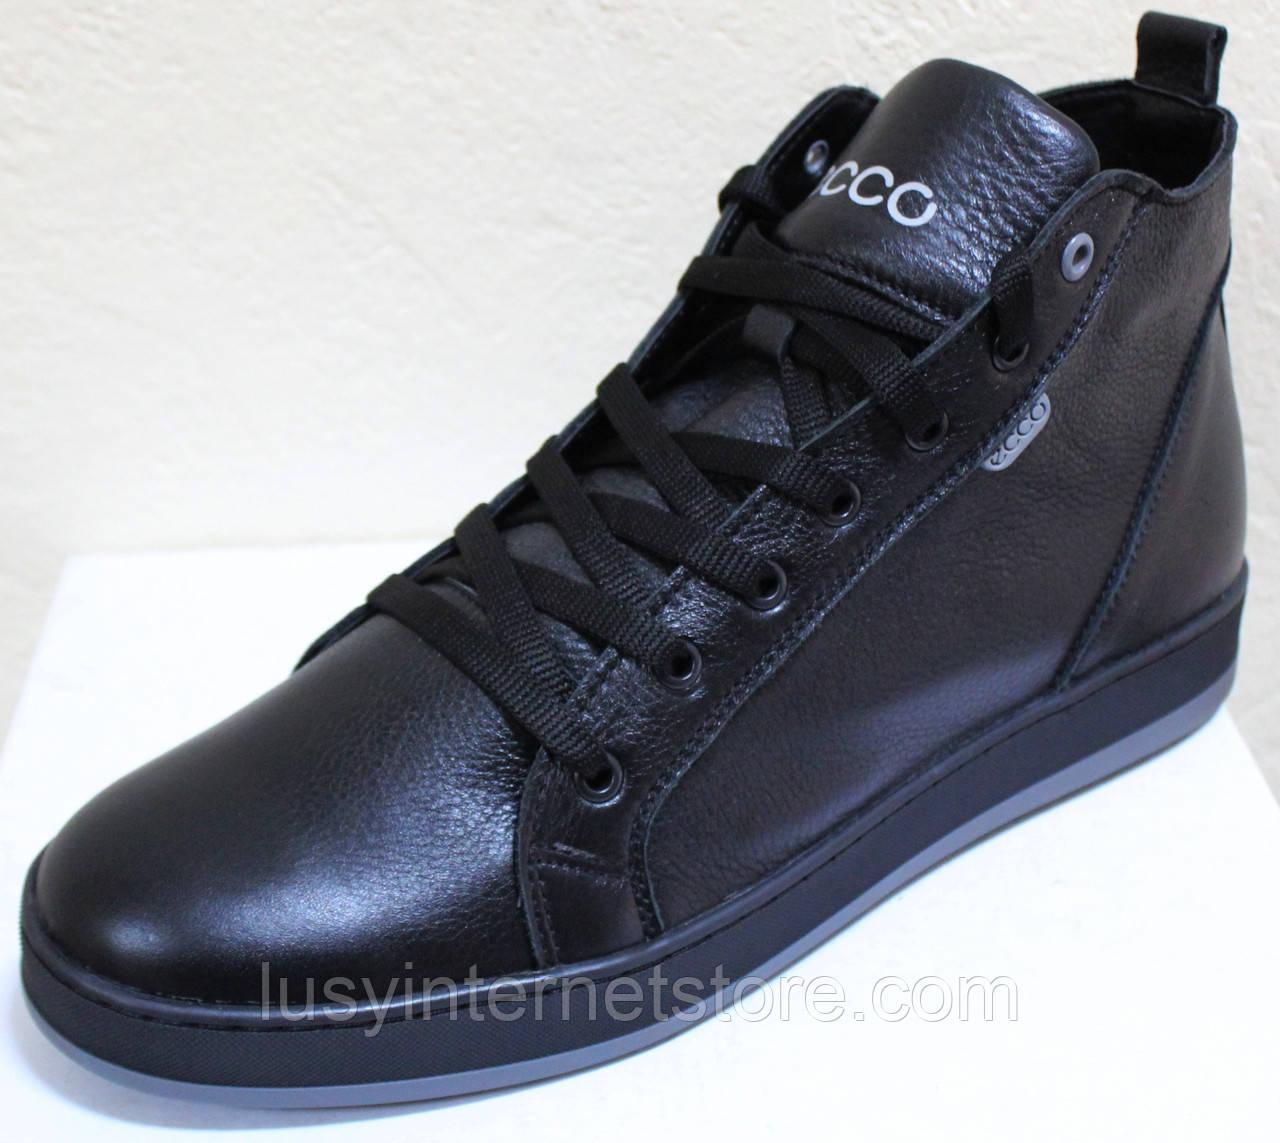 Ботинки осенние на байке мужские кожаные от производителя модель ВК004